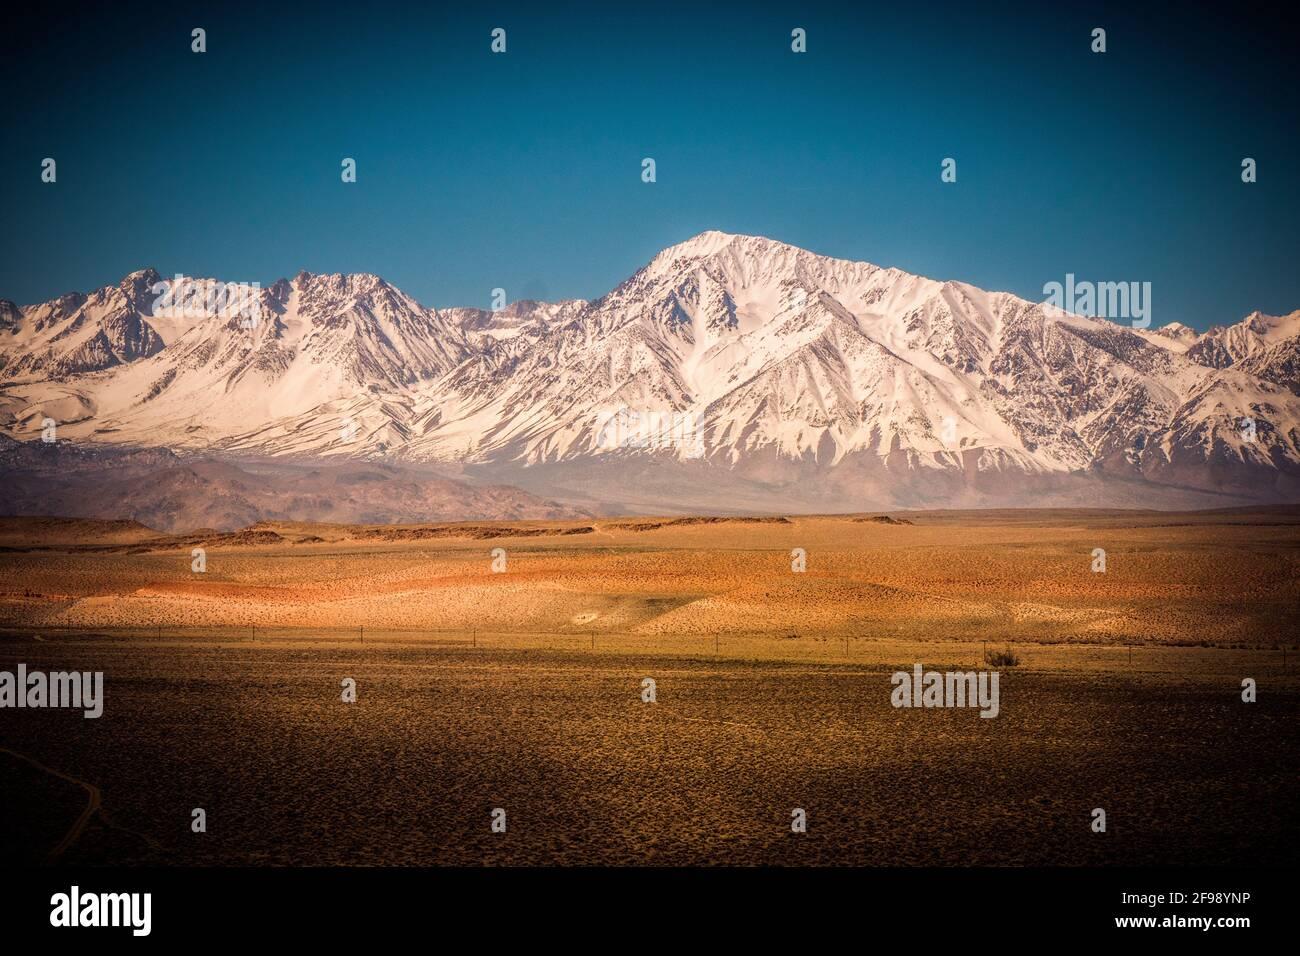 Paisaje infinito en Sierra Nevada - fotografía de viajes Foto de stock